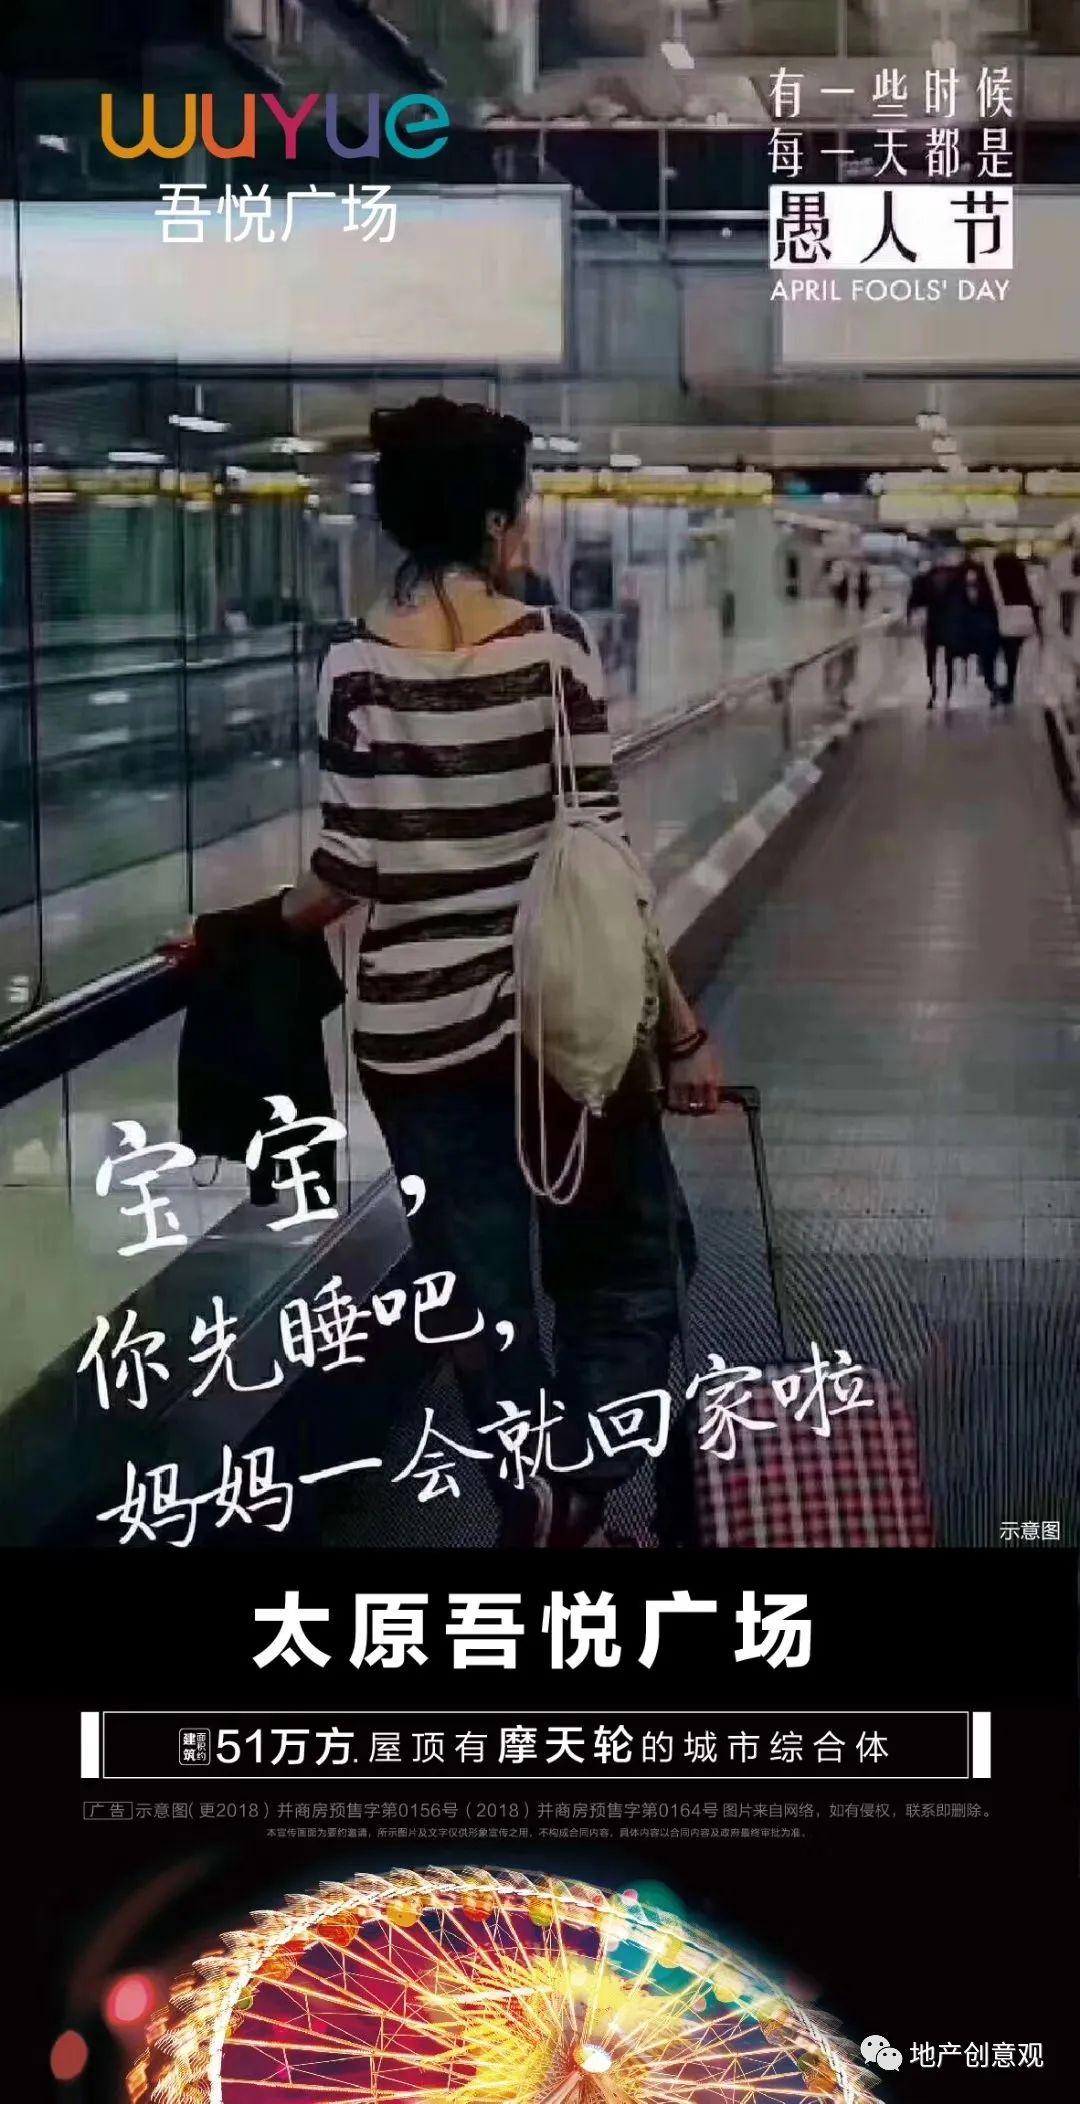 地产广告丨2021愚人节借势海报文案欣赏~插图177